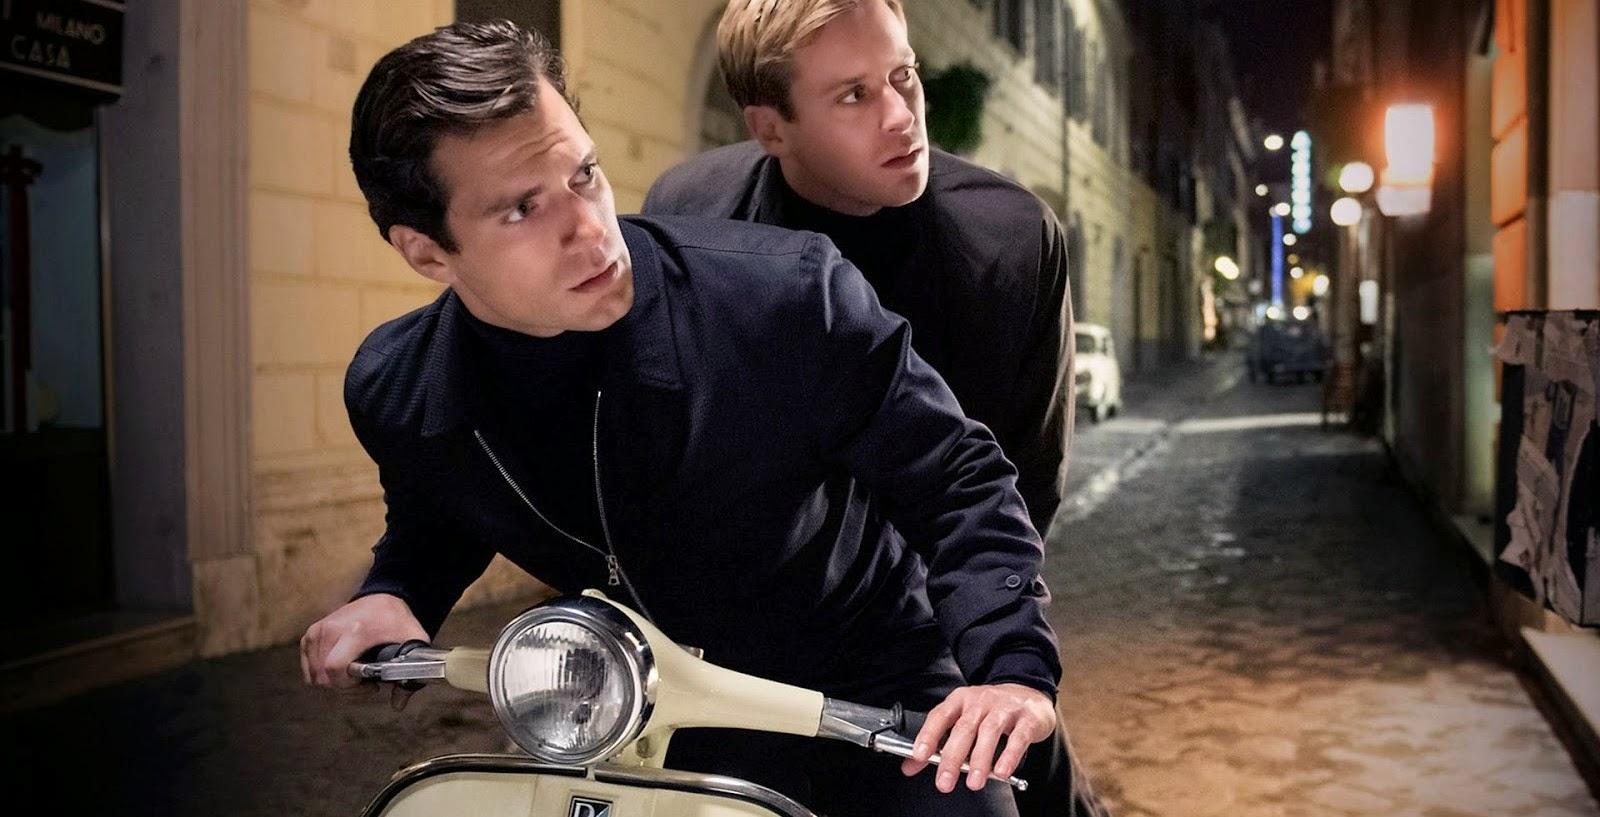 O Agente da U.N.C.L.E. | Henry Cavill e Armie Hammer no segundo trailer da ação de Guy Ritchie